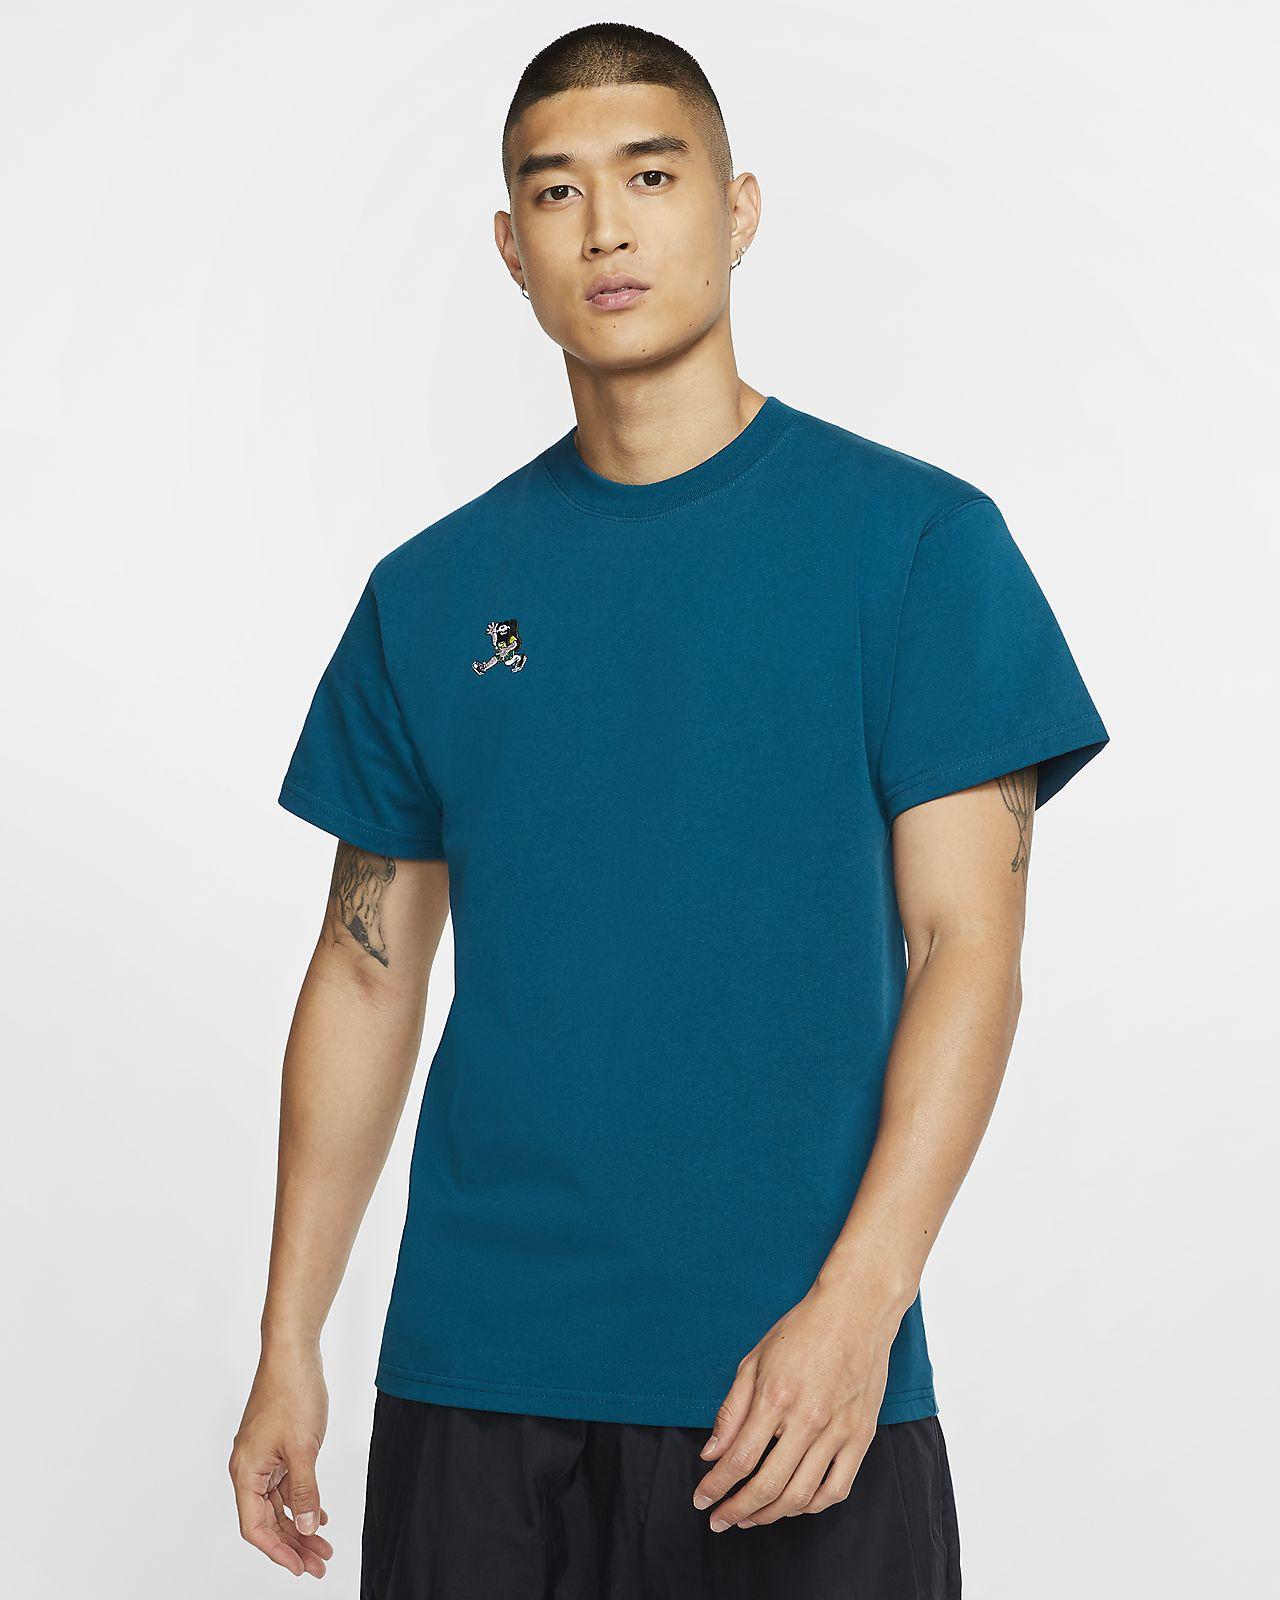 ナイキ AGG ショートスリーブ Tシャツ